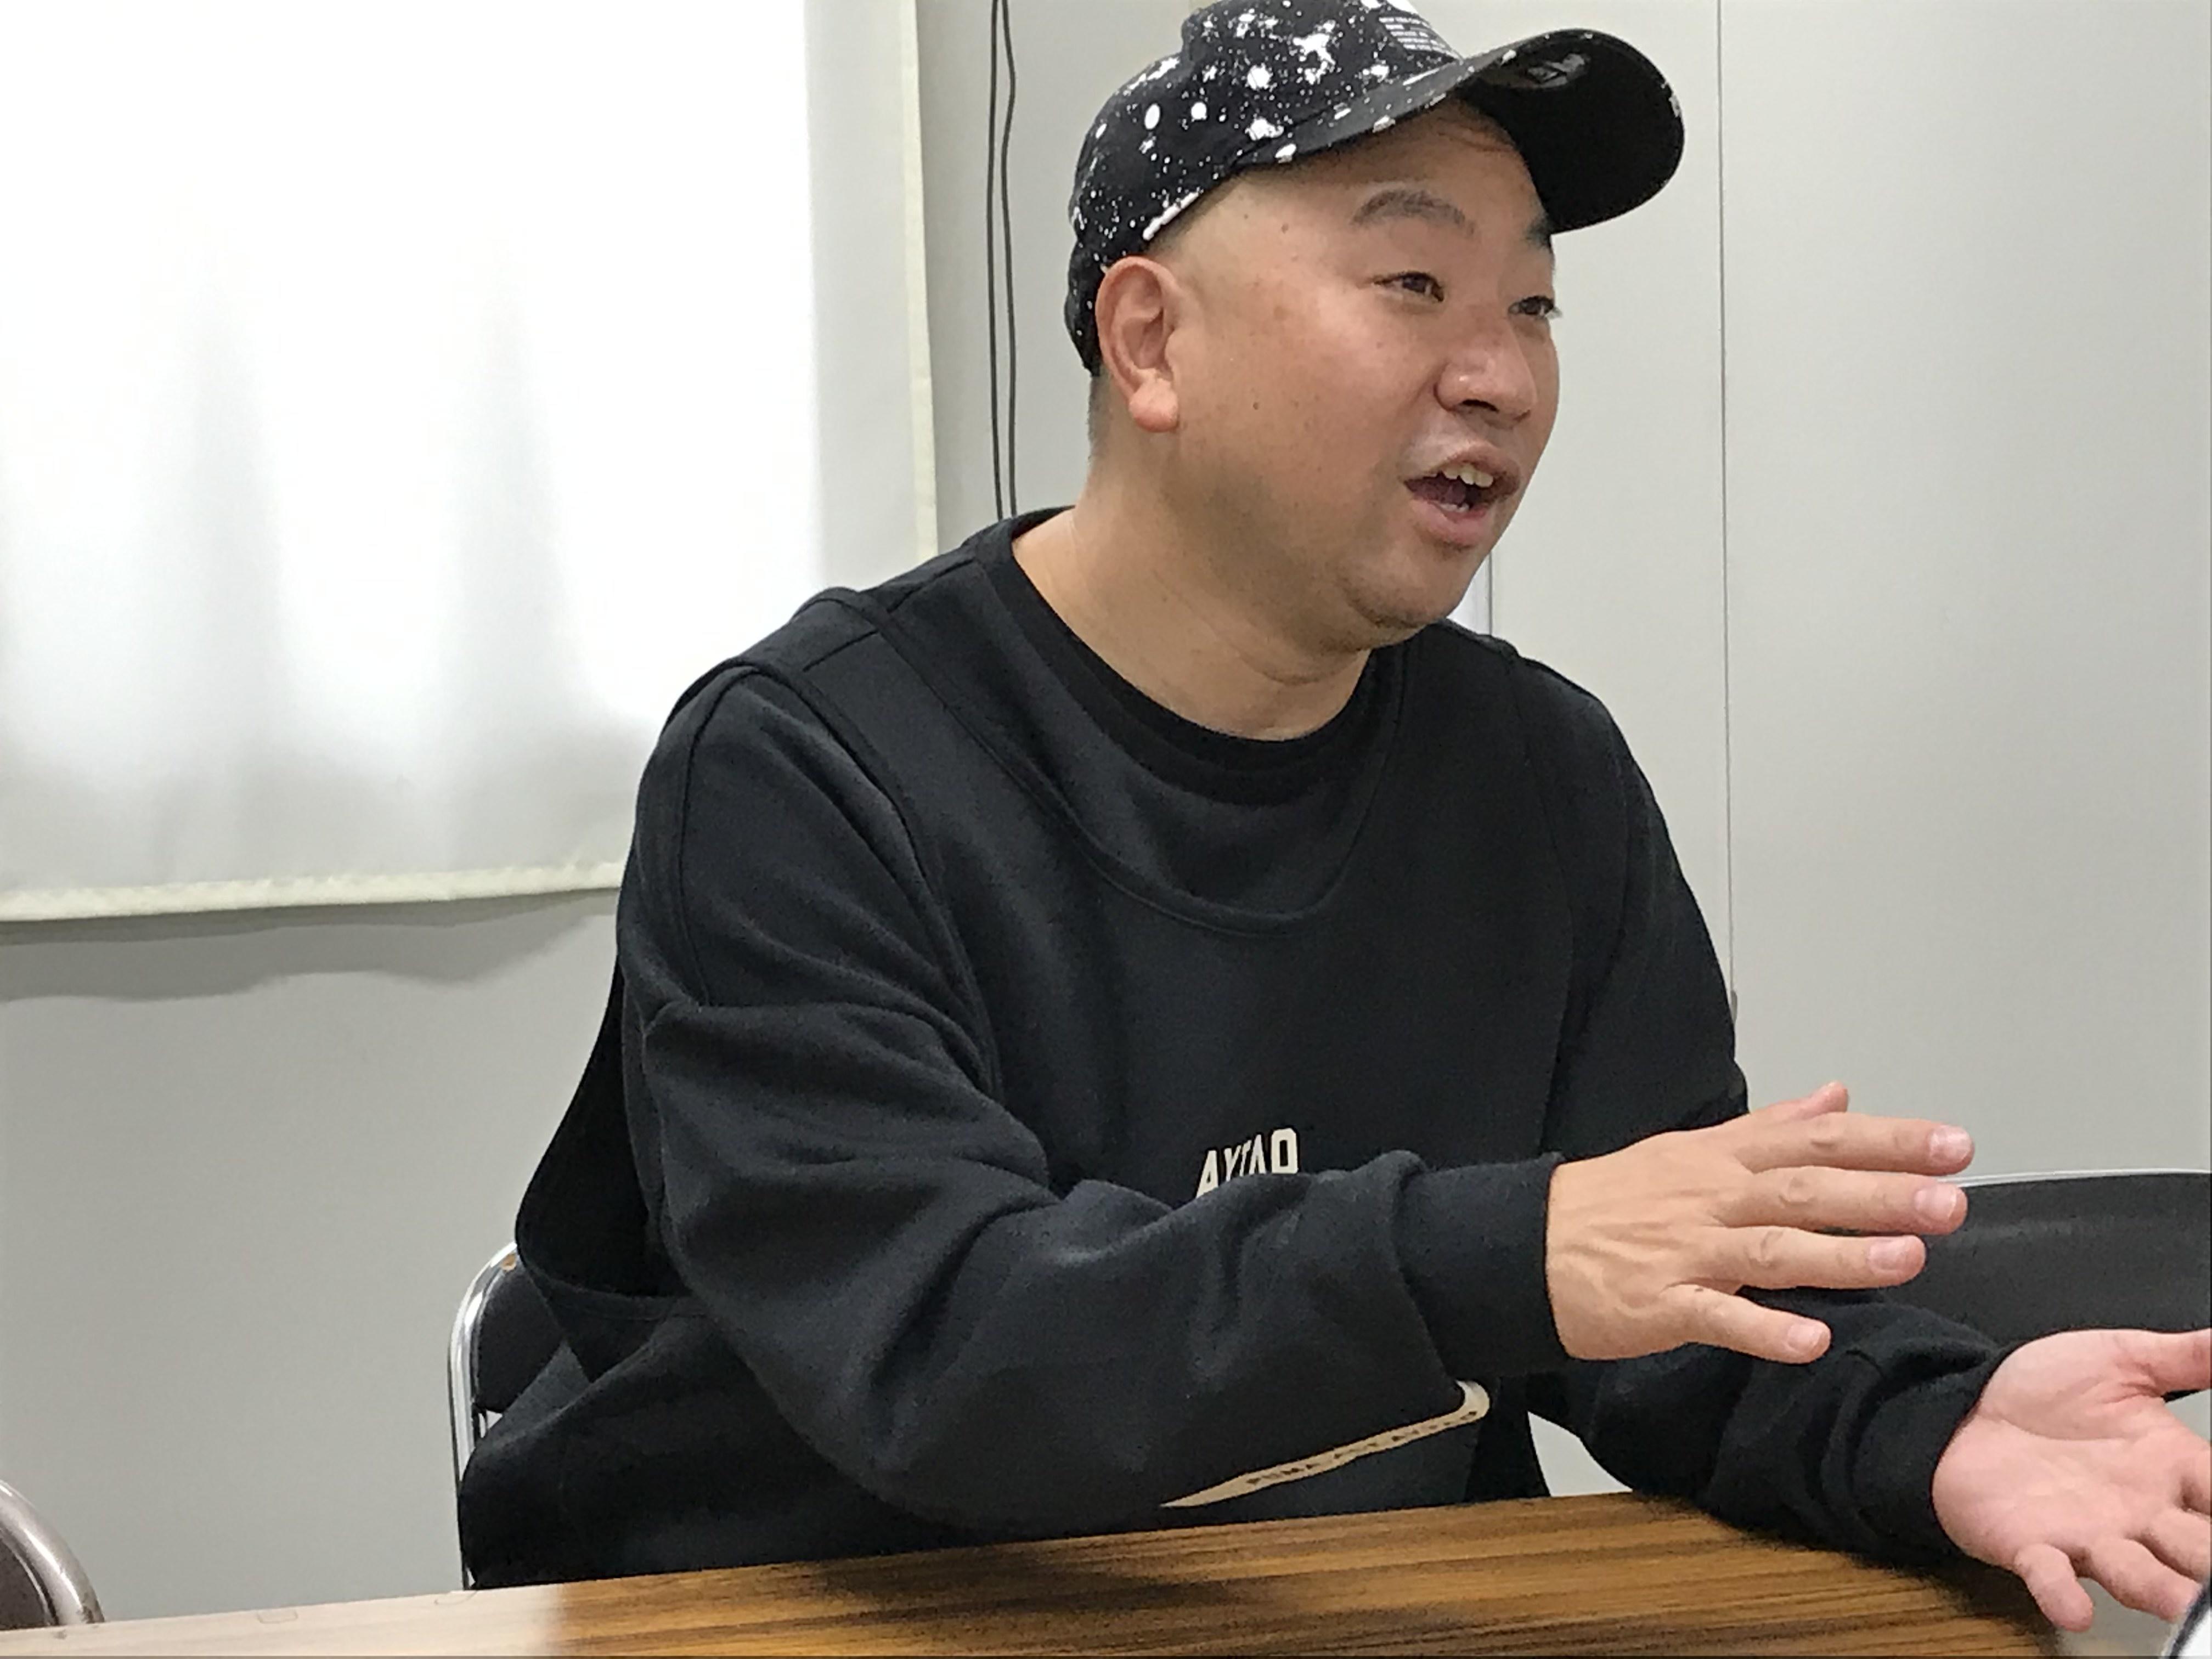 http://news.yoshimoto.co.jp/20181203160821-29be86ceee780e595f5a70cb119a4e03afce8358.jpg